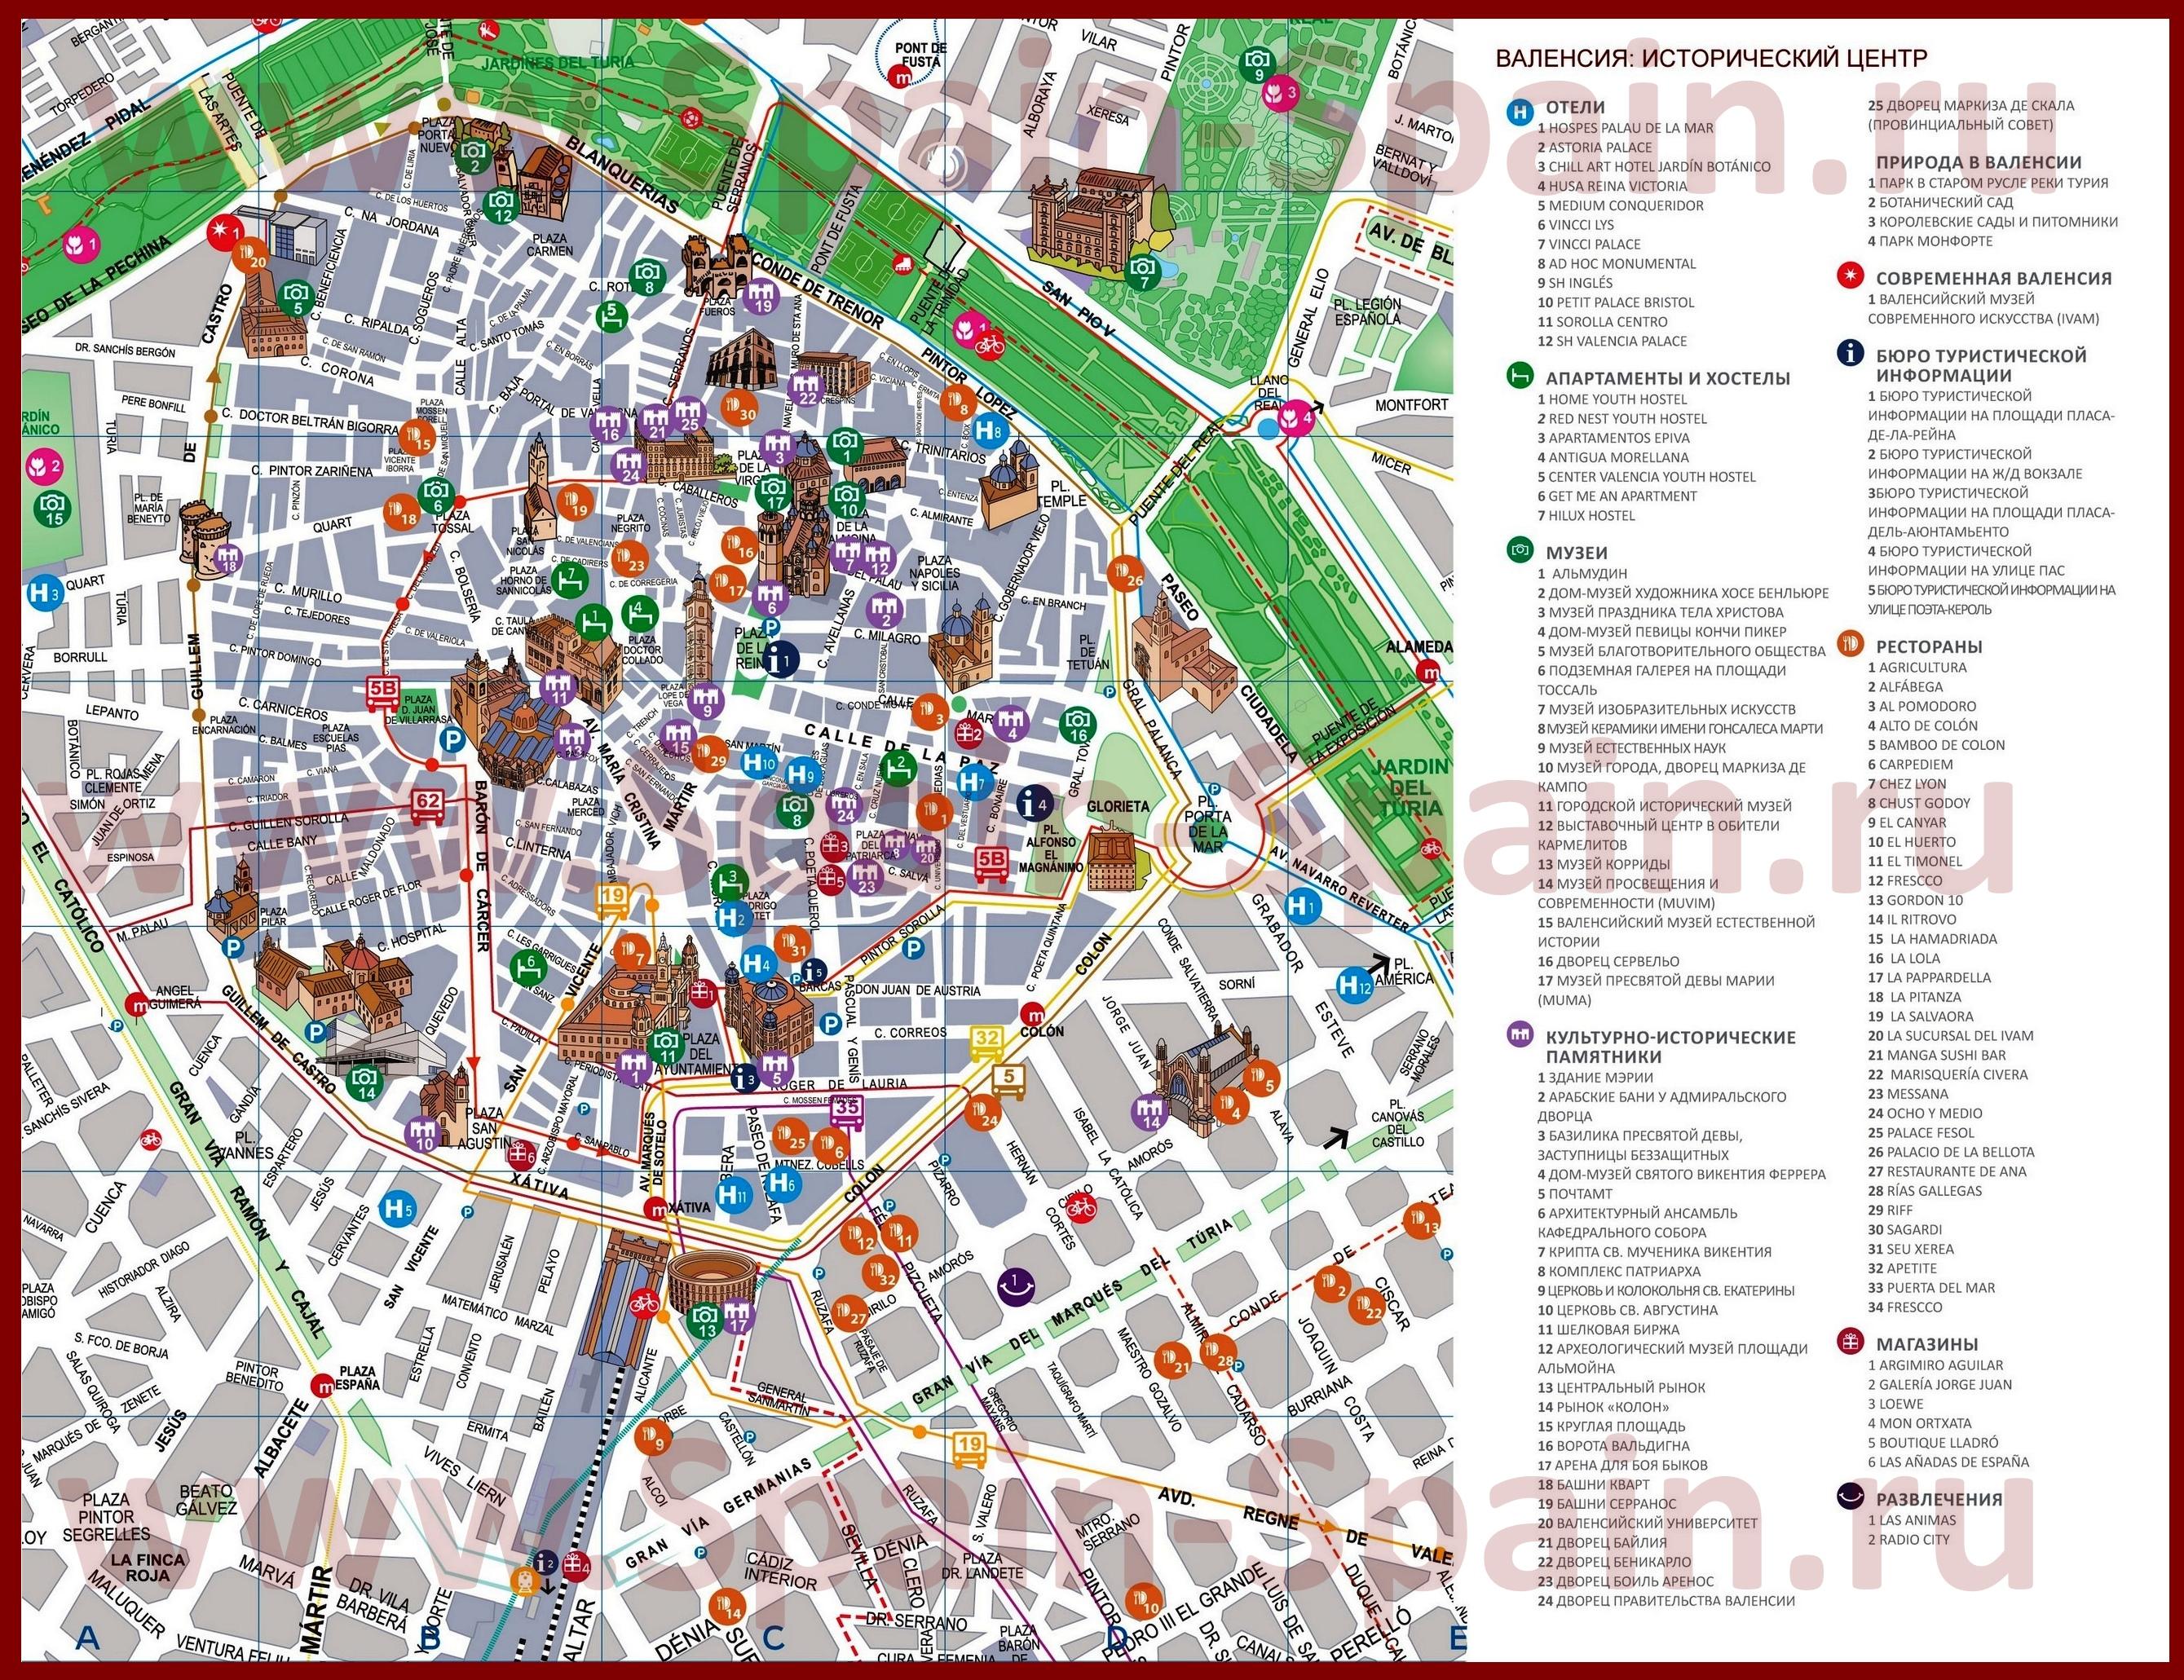 Карта аликанте с улицами на русском языке с достопримечательностями